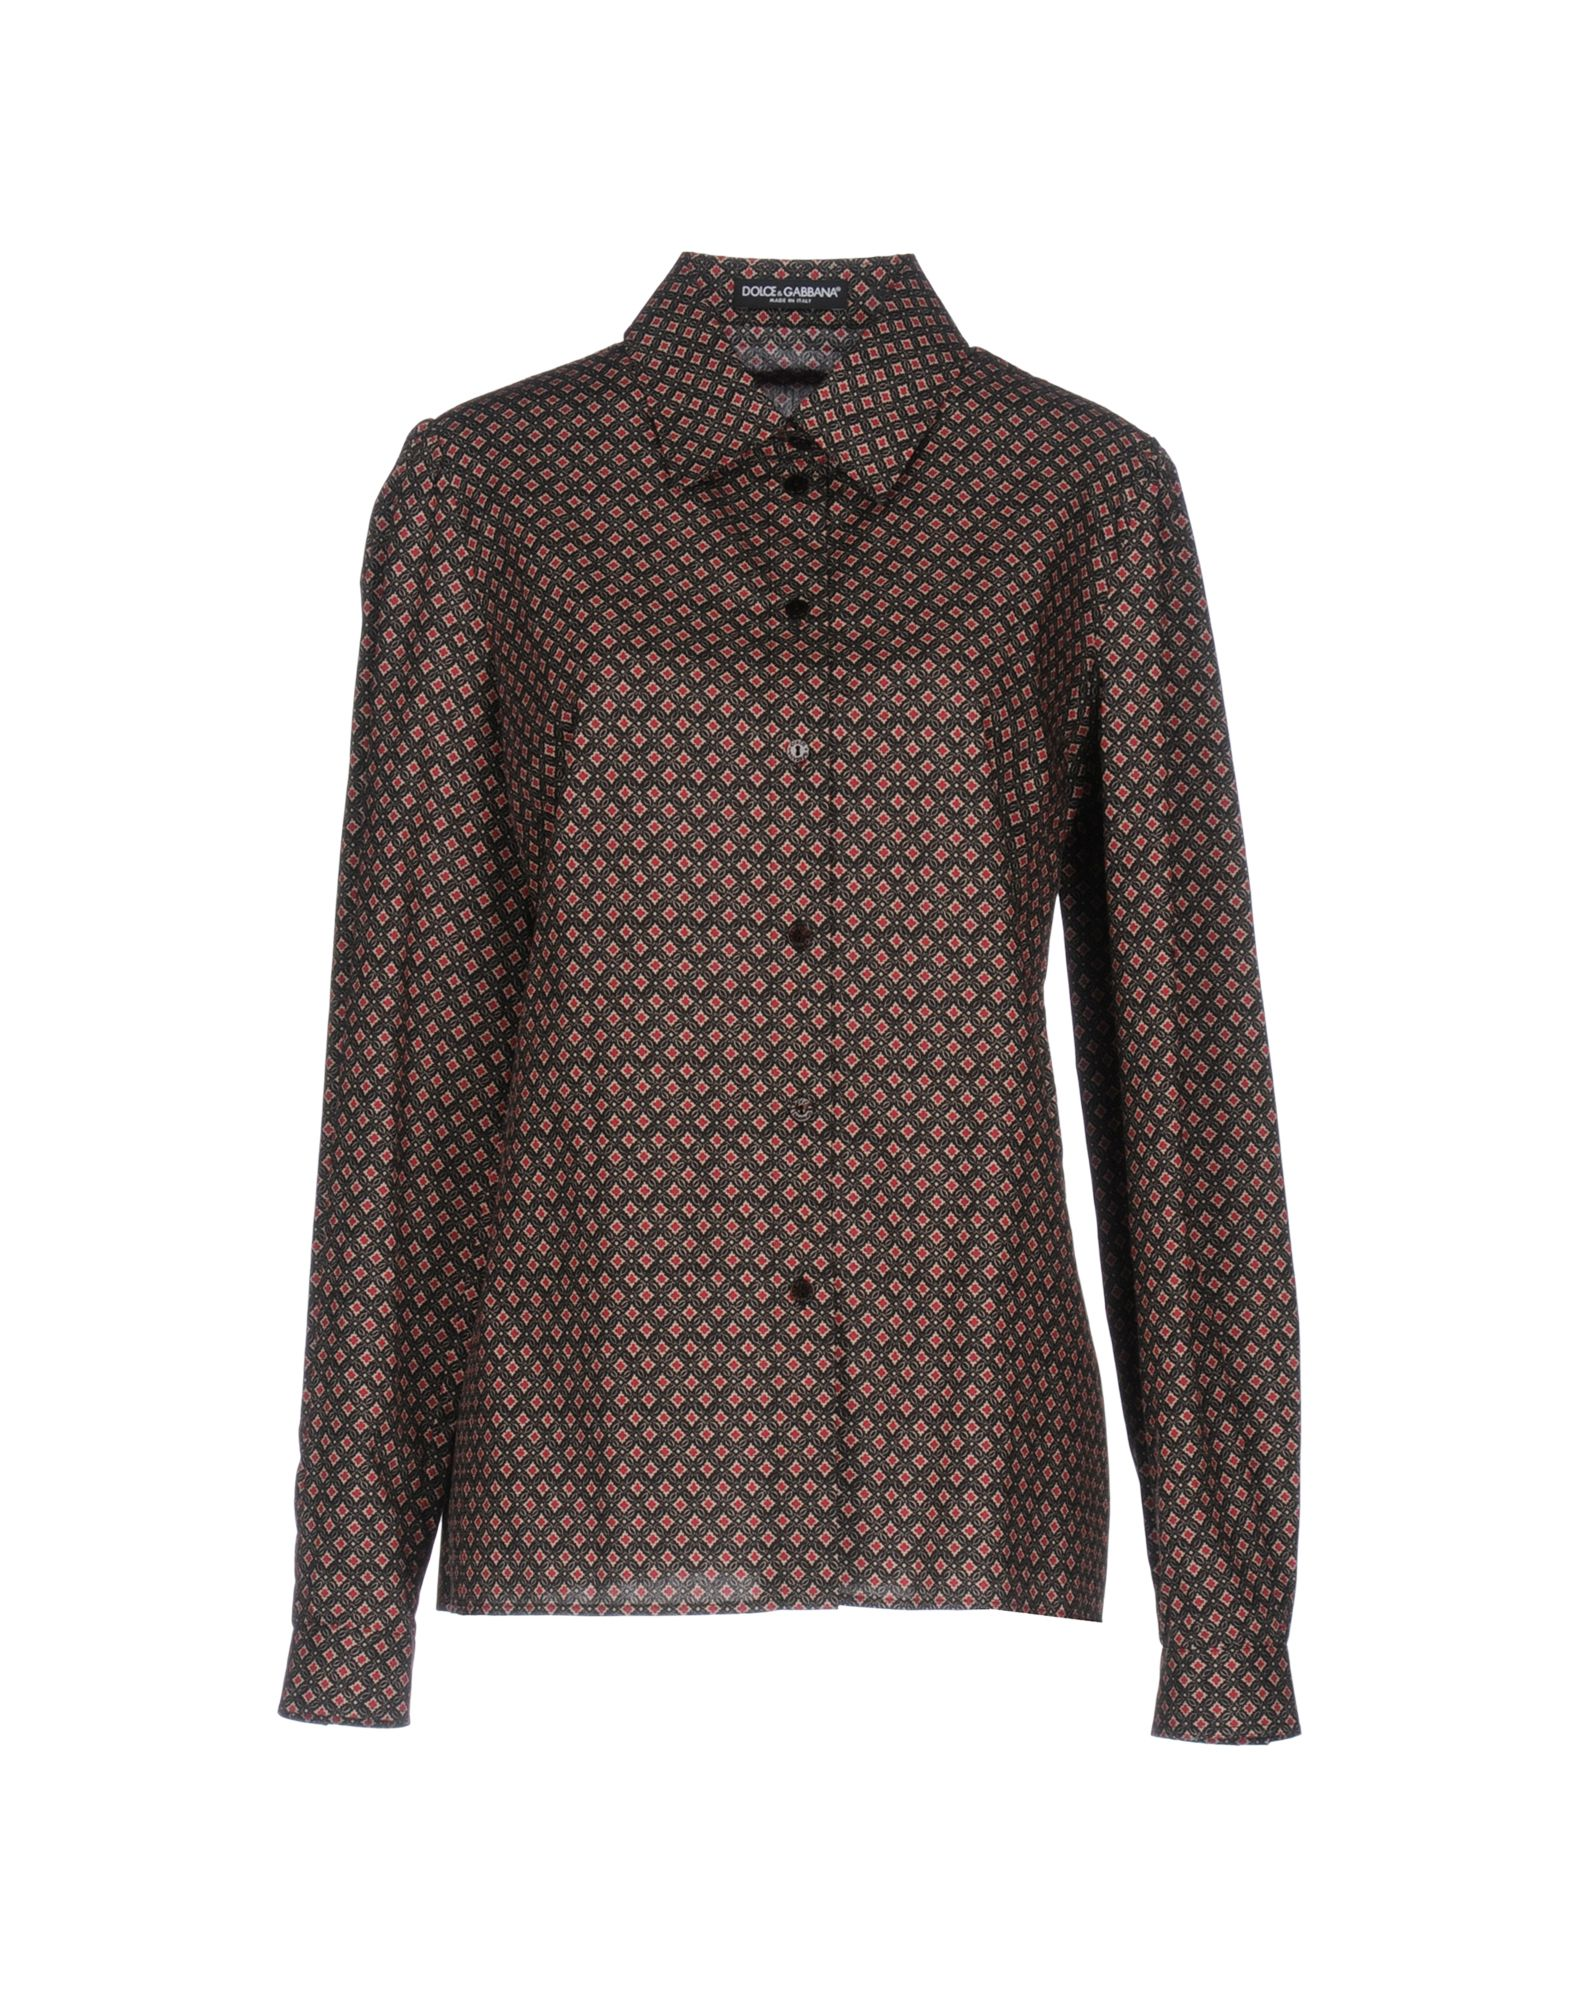 3a21803d9cfd Εμπριμέ Πουκάμισα Και Μπλούζες Dolce   Gabbana Γυναίκα Κολεξιόν  Άνοιξη-Καλοκαίρι και Φθινόπωρο-Χειμώνας